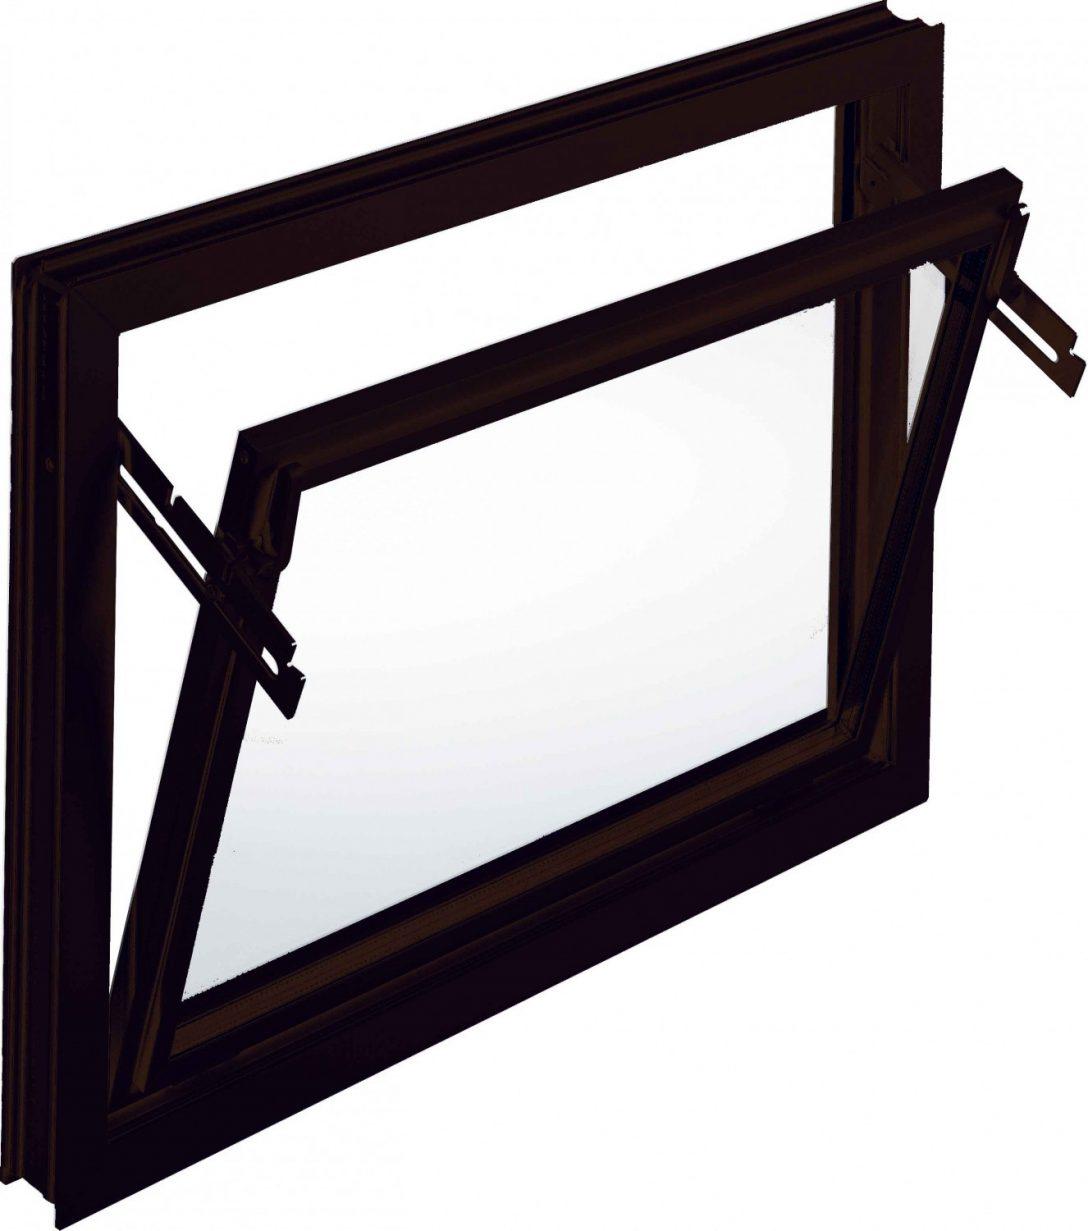 Large Size of Aco Fenster 50x50cm Nebenraumfenster Kippfenster Braun Insektenschutz Ohne Bohren Gardinen Hannover Winkhaus 120x120 Sonnenschutz Innen Putzen Alte Kaufen Fenster Aco Fenster